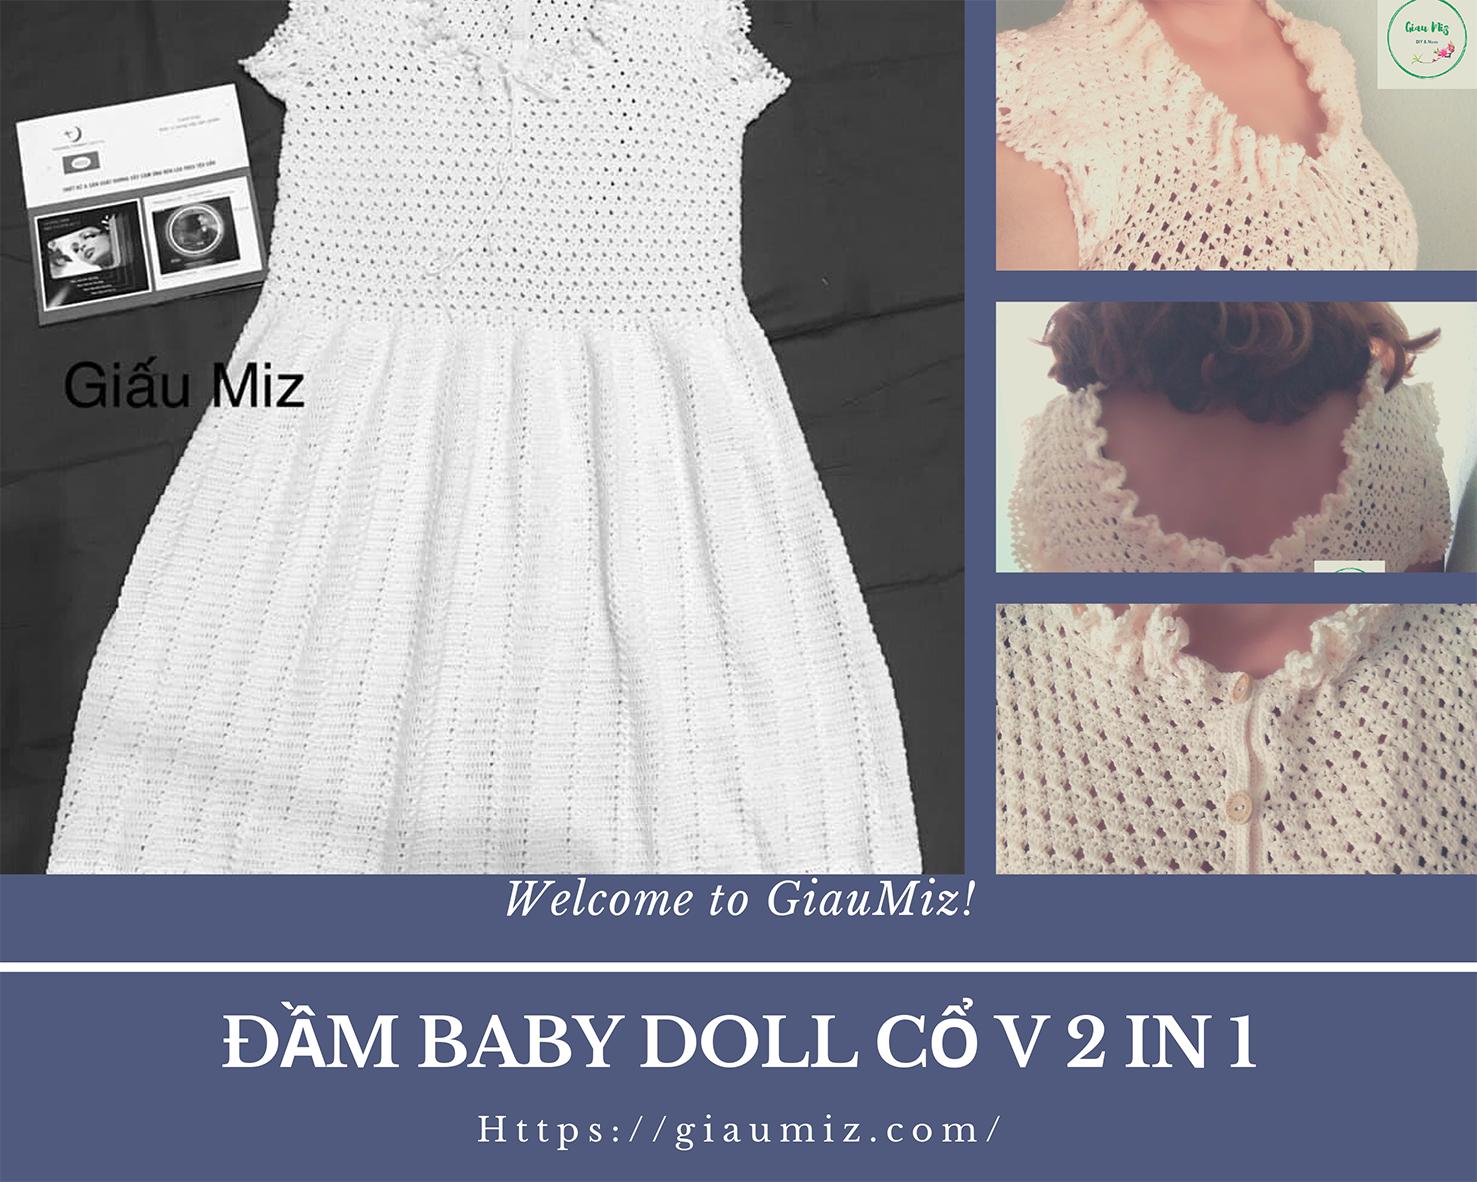 moc dam baby doll co V 2 in 1